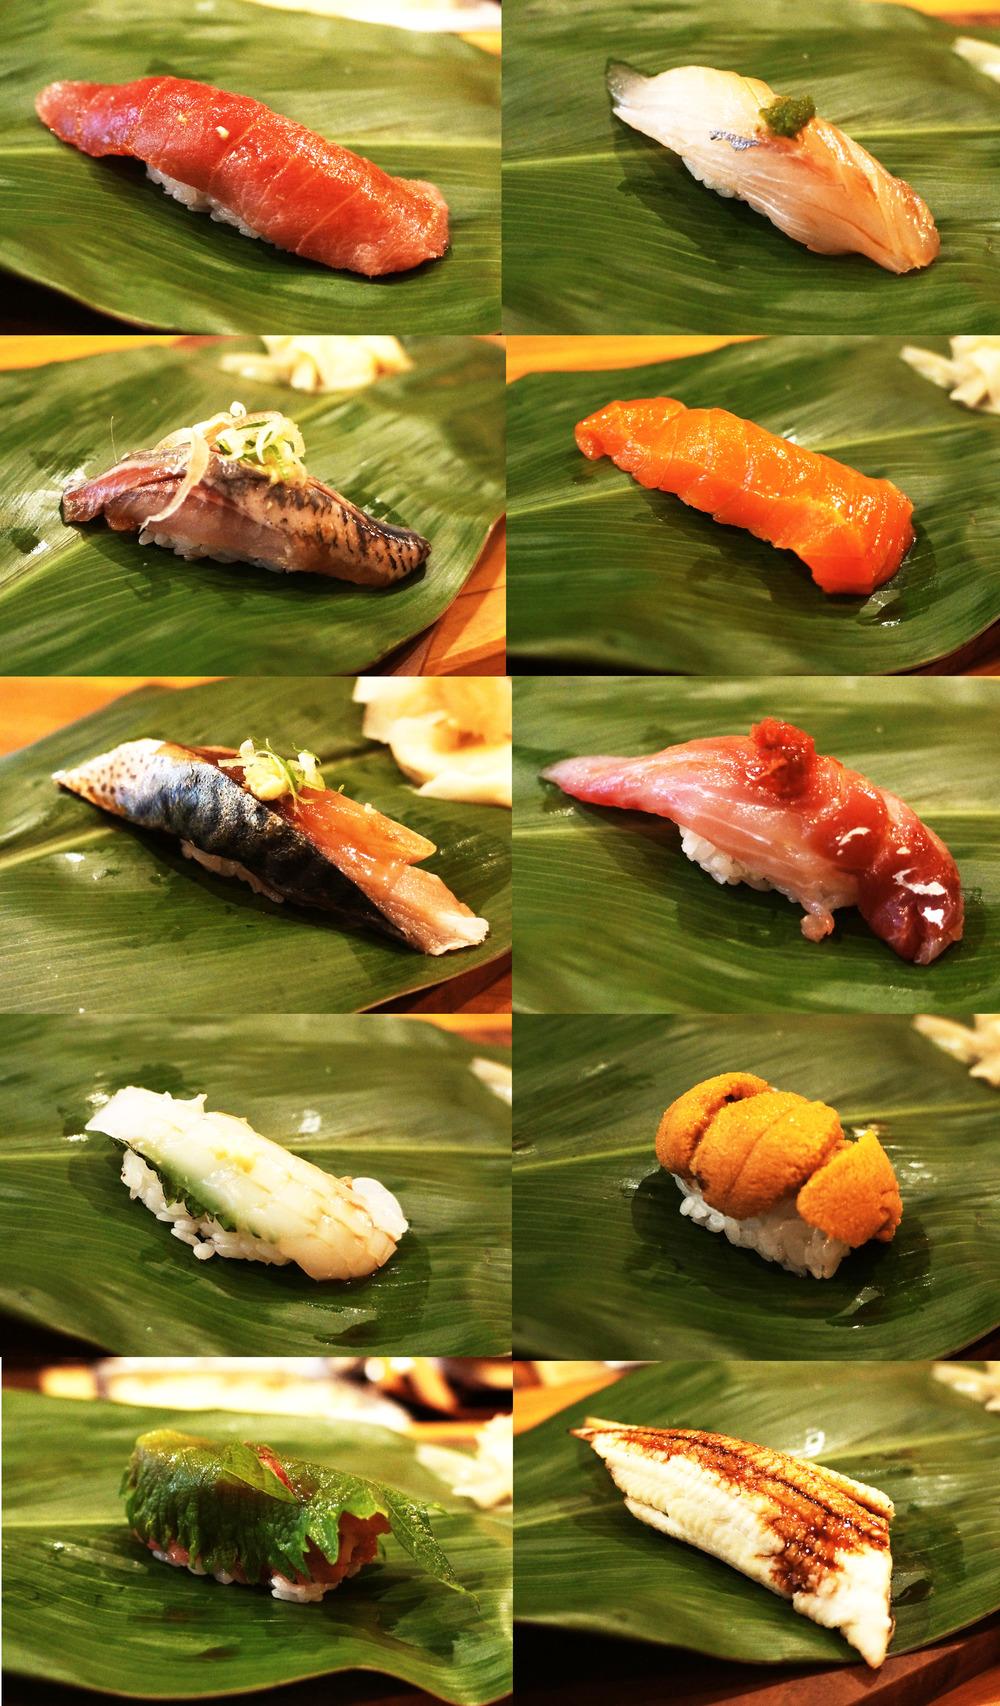 Nigiri: omakase里包括了8-piece nigiri,自己又单点了anago和saba。最喜欢的就是anago了,因为不是之前就烤的蒲烧鳗鱼,现在烤制之后再刷上一层酱汁味道更加清新,焦糖味道也更浓。不得不说,我的chef还要再加强一下技术,其中的两个sushi芥末放得太多,有一个更是足足把我吃哭了。捏的不好的也不会扔掉,而且重新捏捏或者放到你盘子上之后再捏捏,请问是捏橡皮泥么?